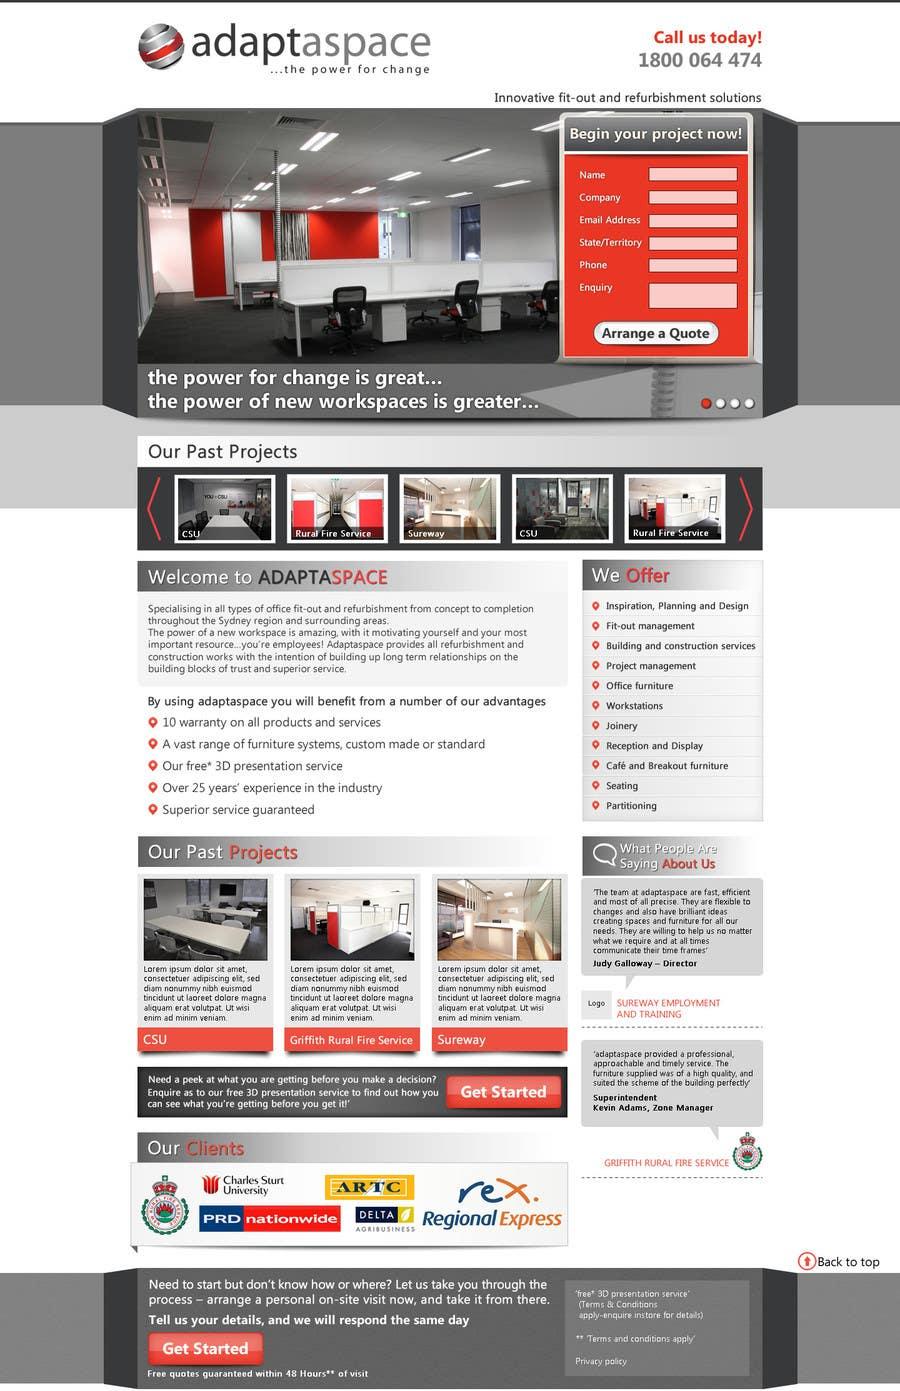 Konkurrenceindlæg #                                        14                                      for                                         Graphic Design for Landing Page